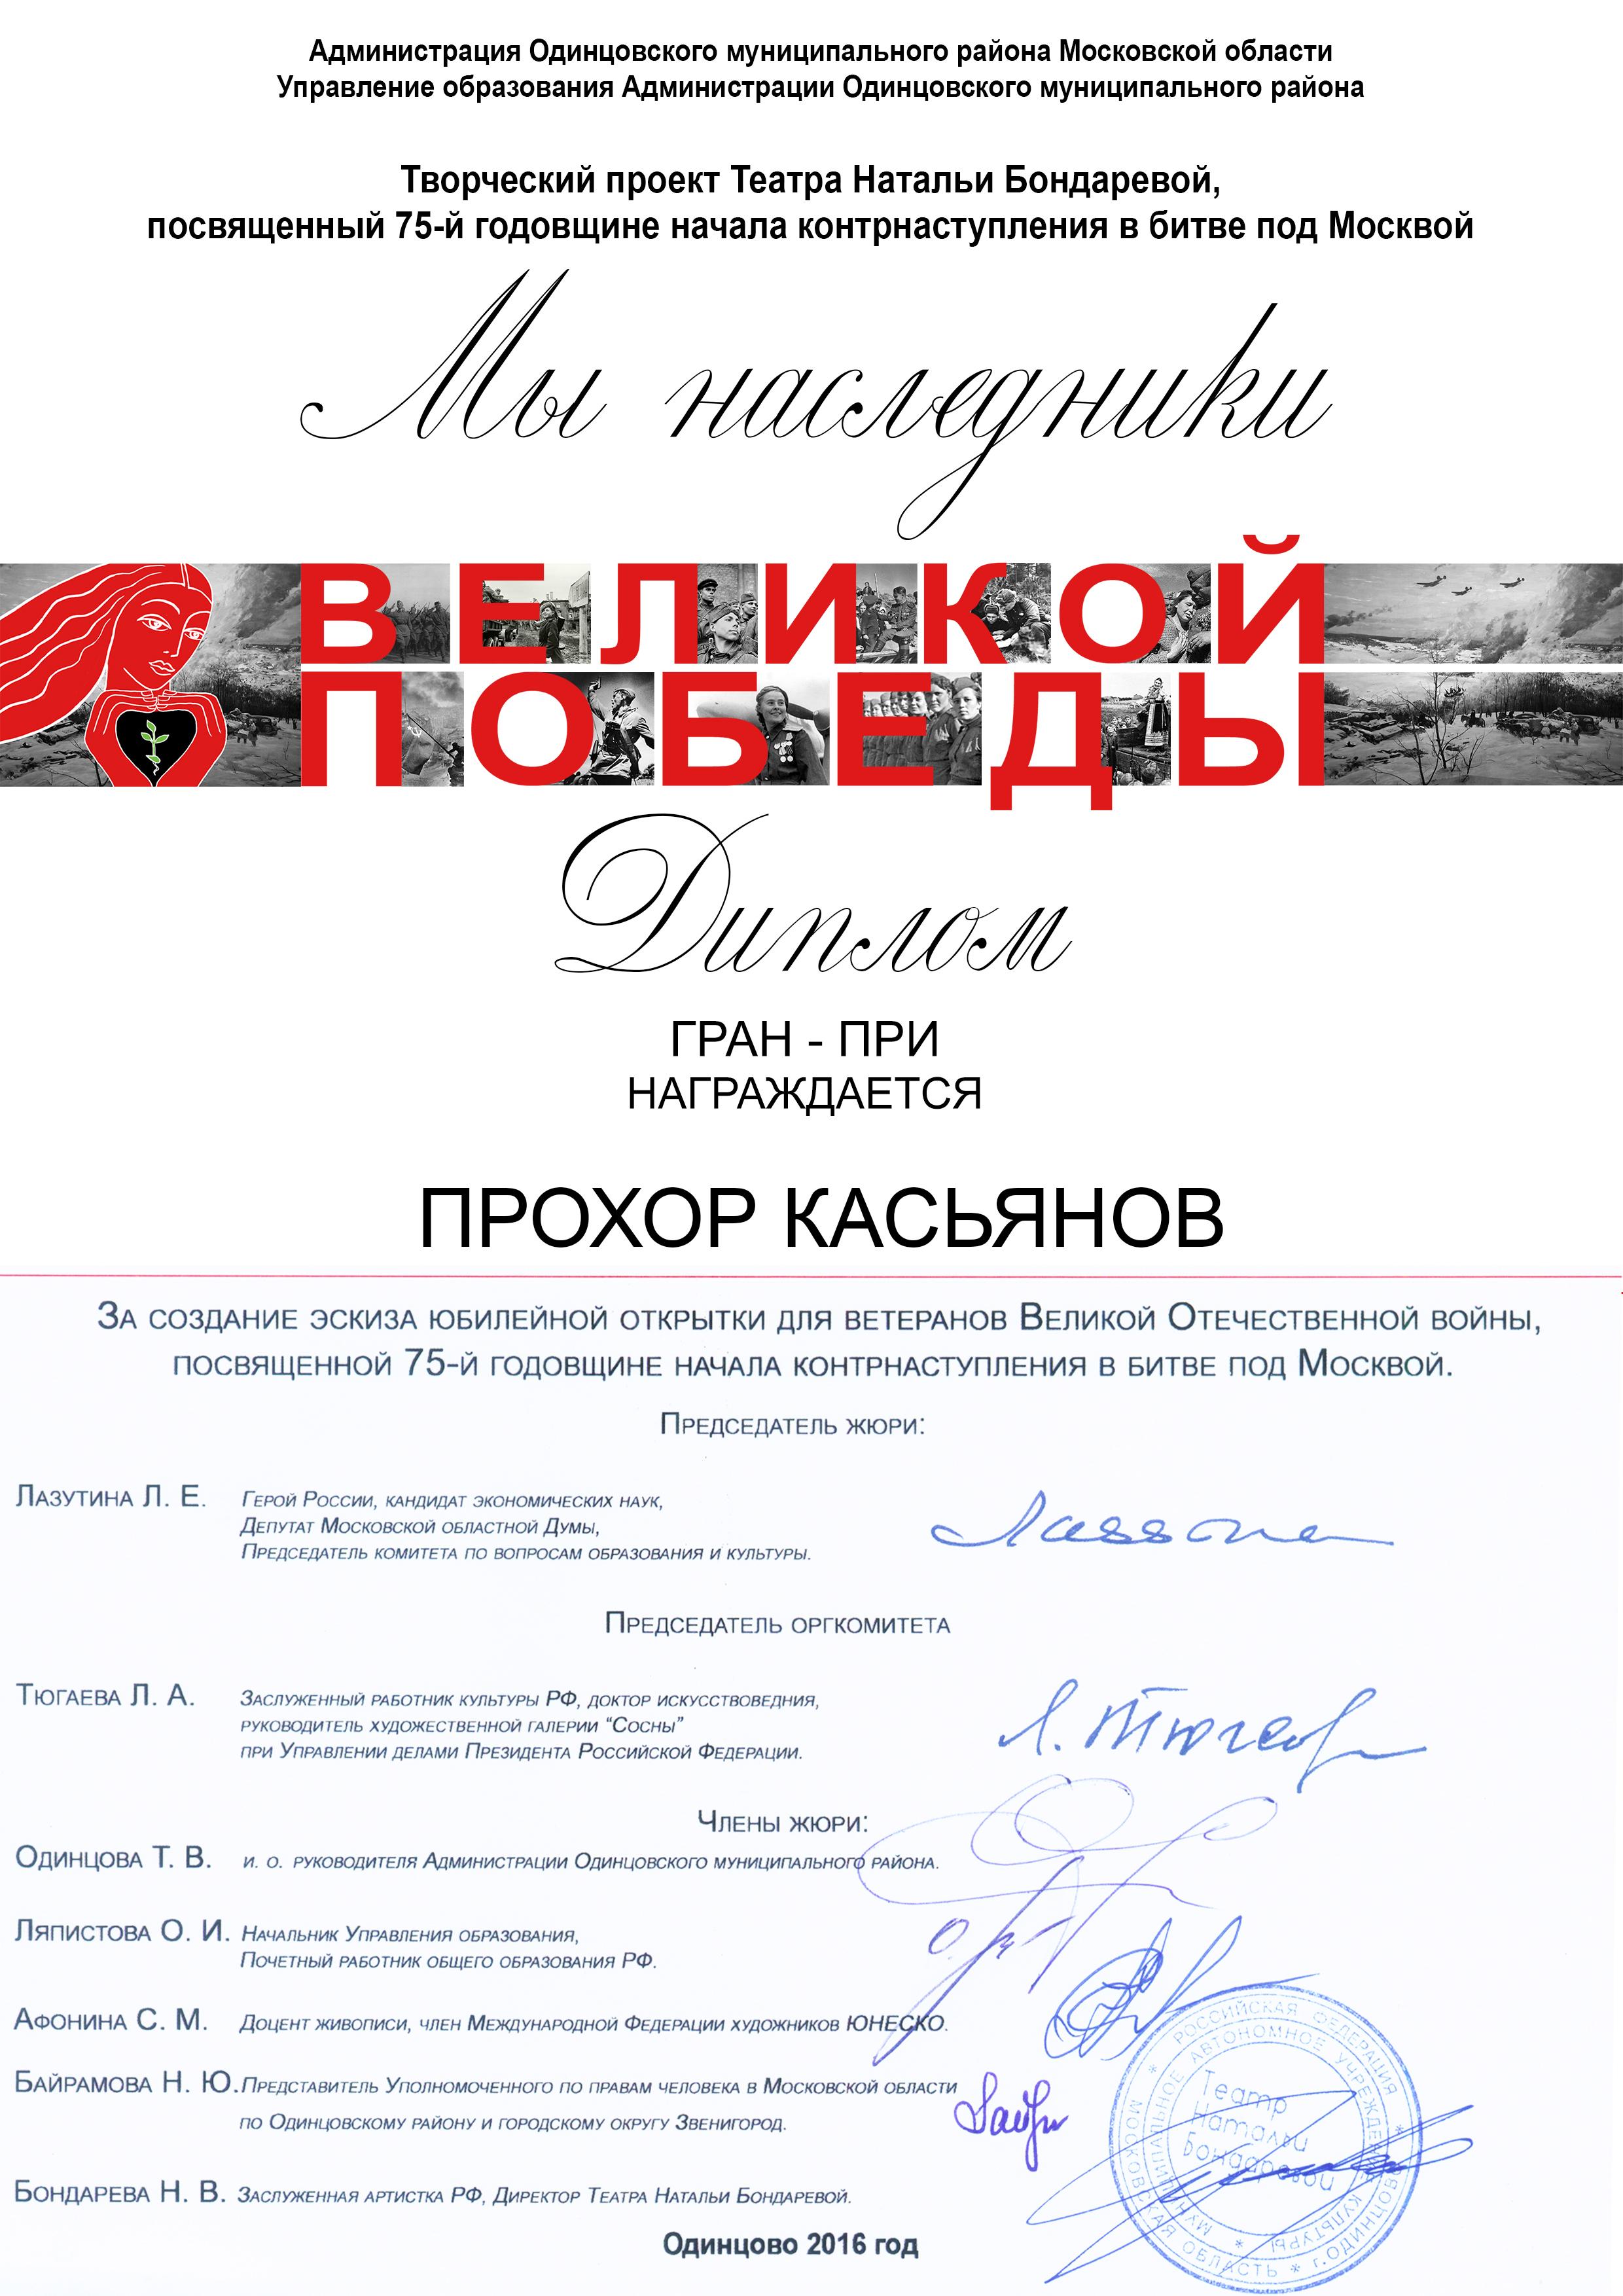 Прохор Касьянов